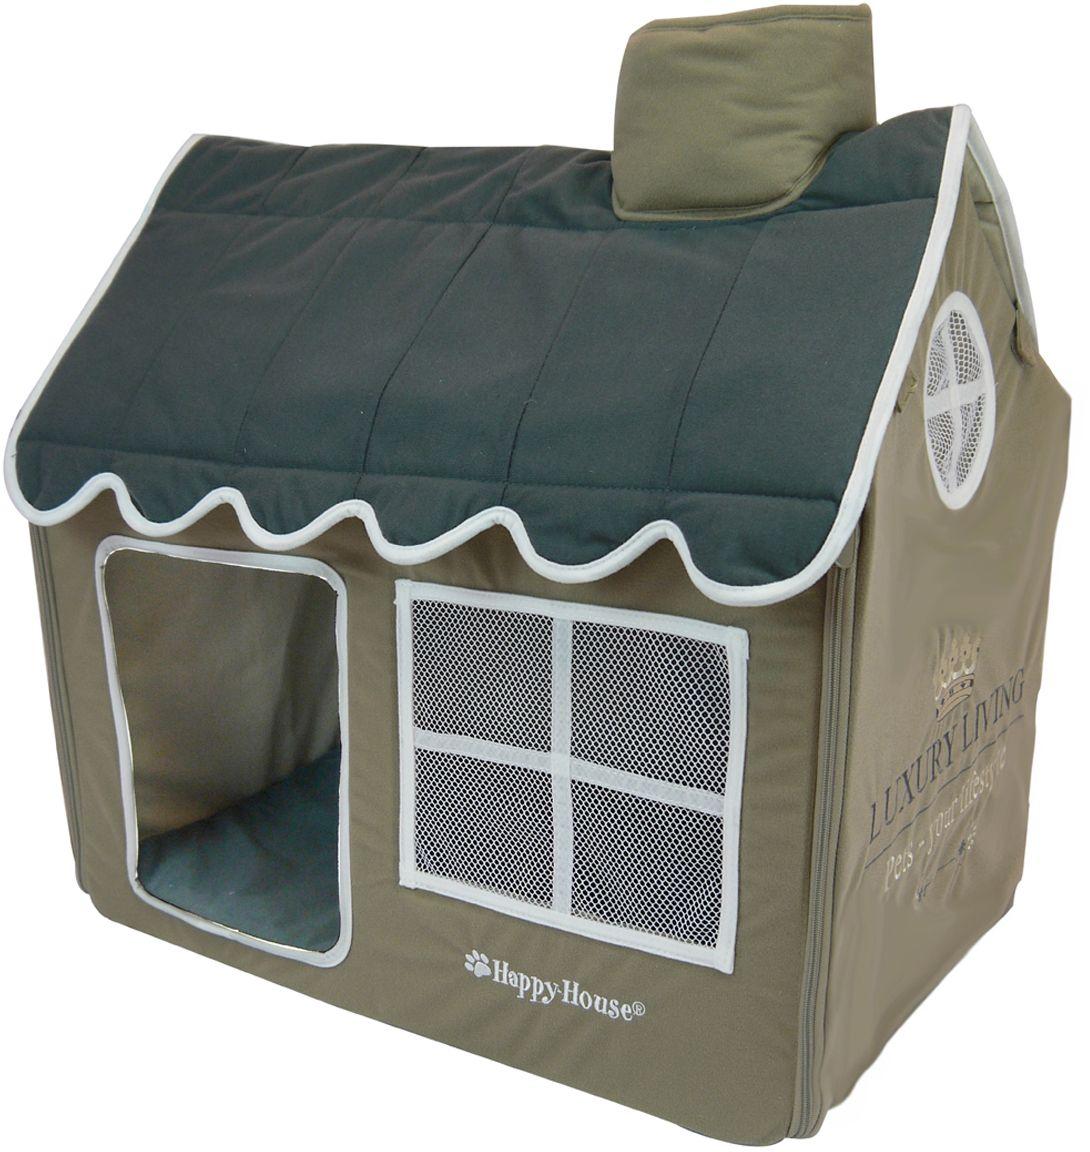 Домик для домашних животных Happy House Luxsury Living, цвет: серый, серо-зеленый, 62 х 42 х 59 см4020Большой, уютный домик Happy House Luxsury Living, выполненный из полиэстера и картона, отлично подойдет для вашего любимца. Такой домик станет не только идеальным местом для сна вашего питомца, но и местом для отдыха. Внутрь домика ведет квадратное отверстие. Мягкий домик с оригинальным дизайном имеет сборную конструкцию, что облегчит его транспортировку и хранение. Внутри имеется съемная подушка. Подушку можно стирать при 30°С. Размер домика: 62 х 42 х 59 см.